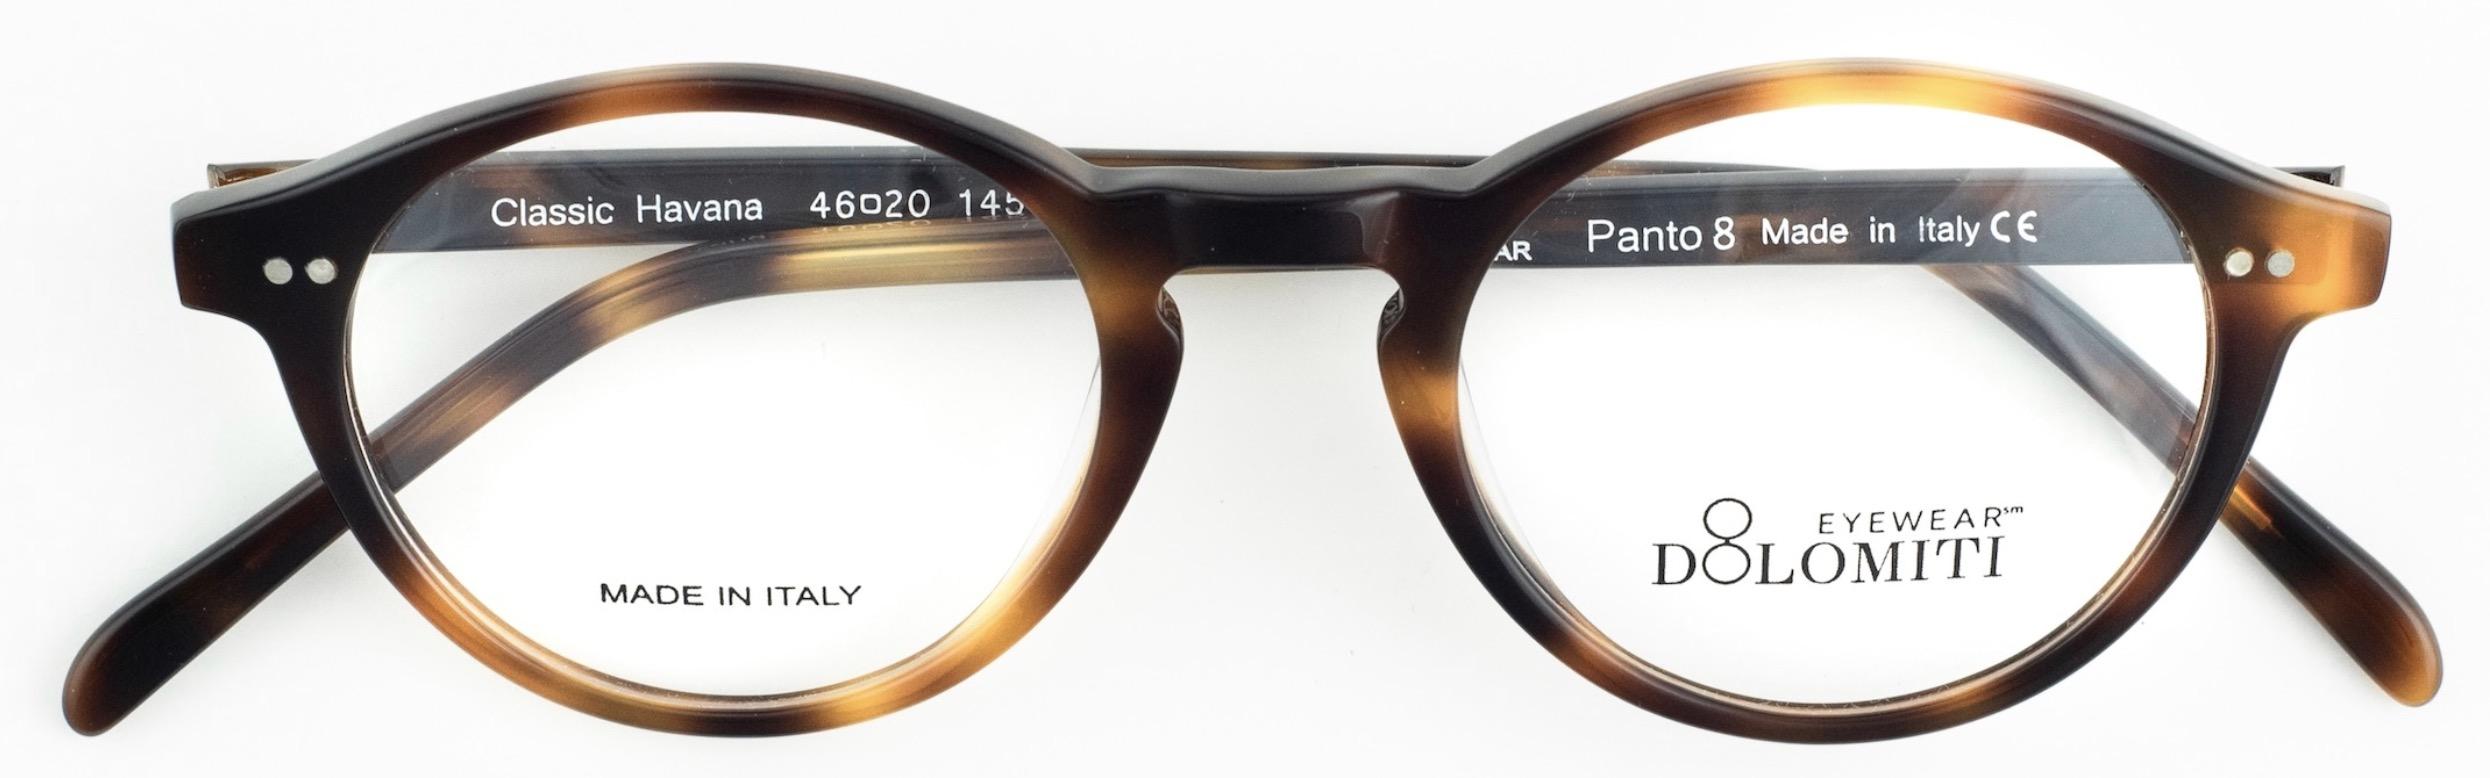 Dolomiti Eyewear